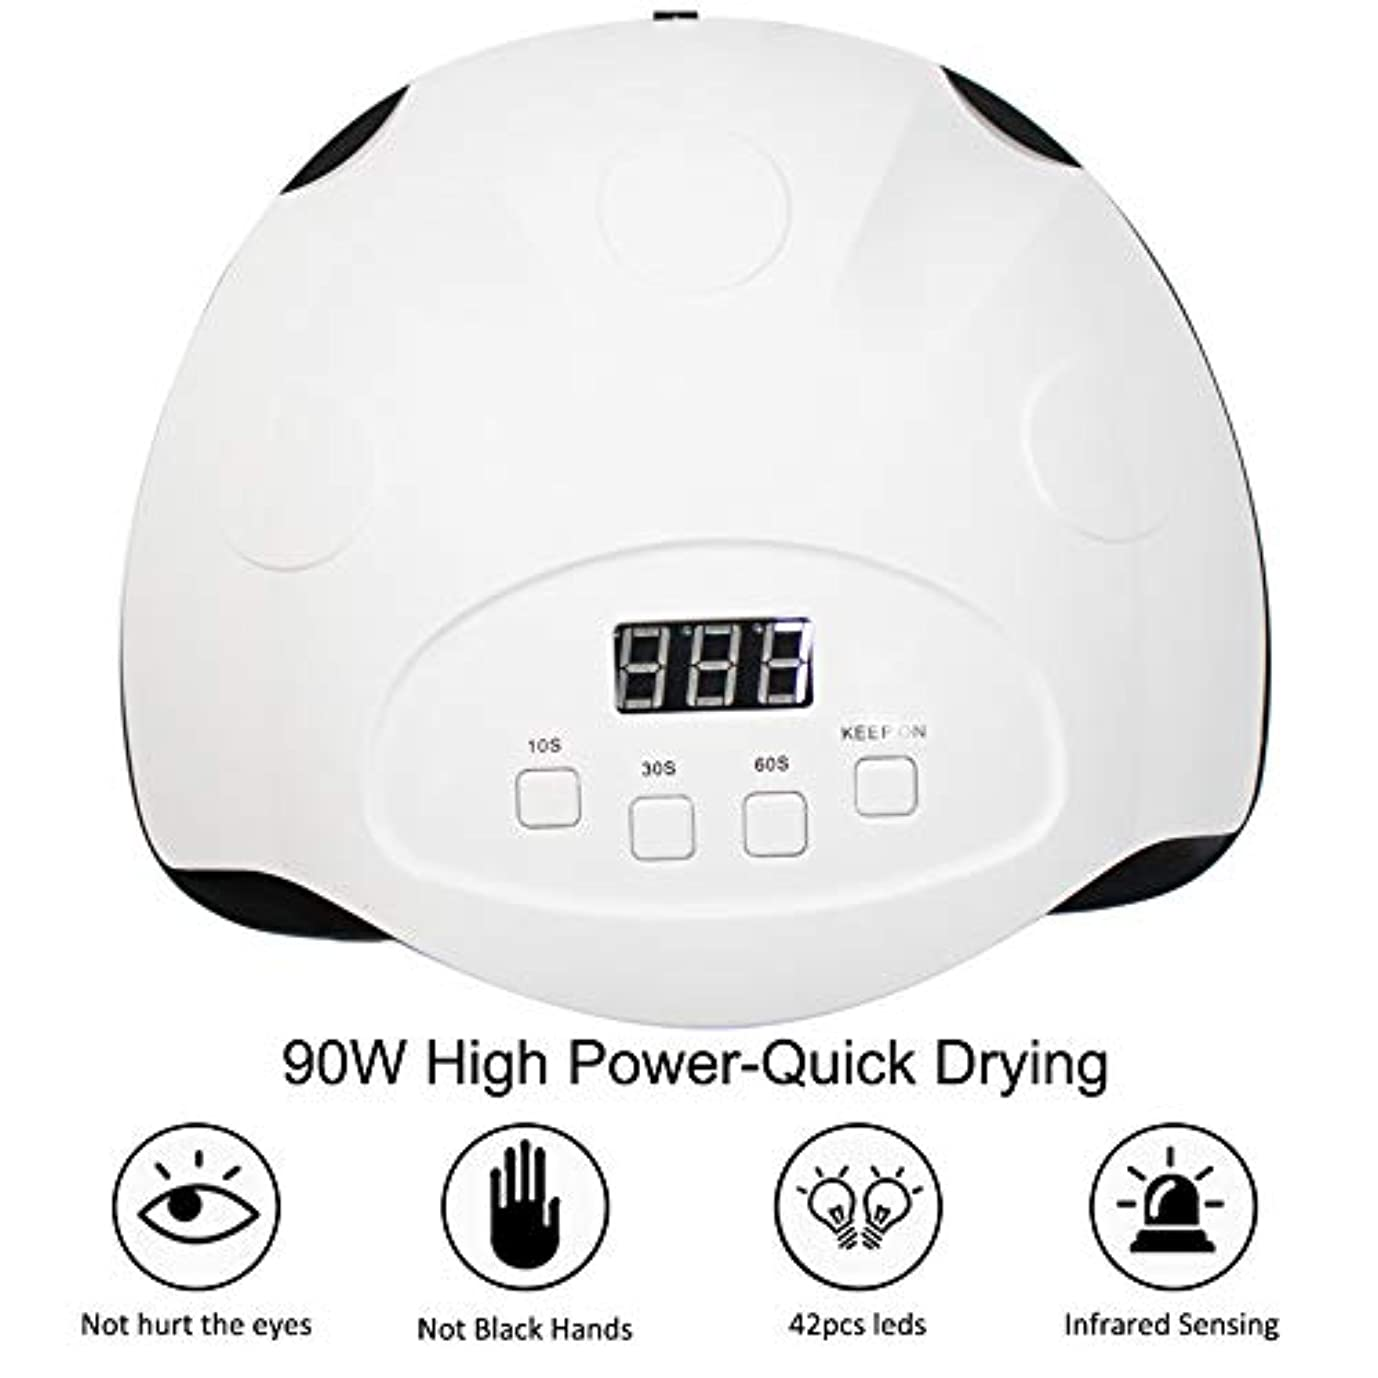 プロペラ夢中終わらせるすべてのゲルのための90W UVランプ、LEDネイルランプネイルドライヤー、ポリッシュ赤外線検出10/30 / 60Sマニキュアスマートタイマー